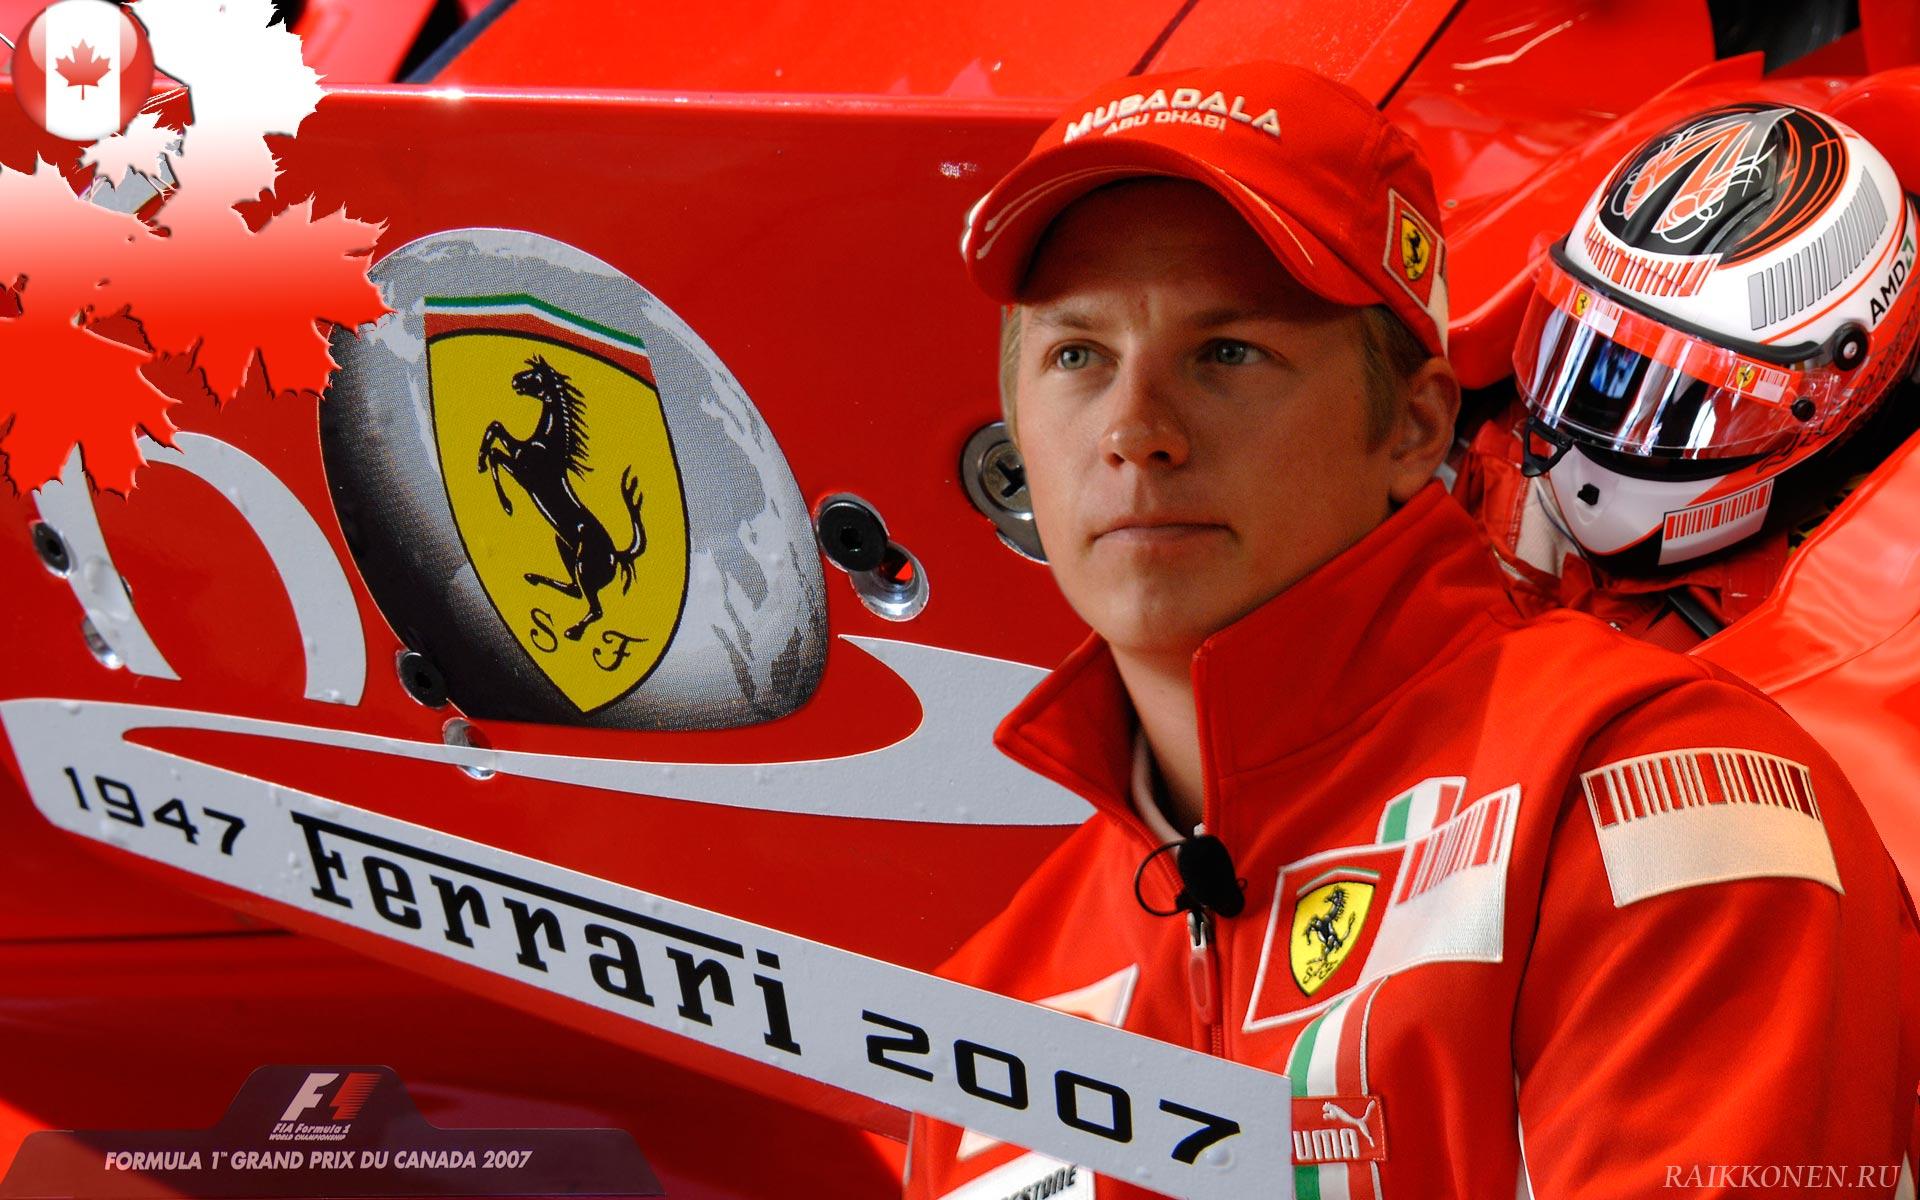 Kimi Raikkonen Wallpapers Can1920_01